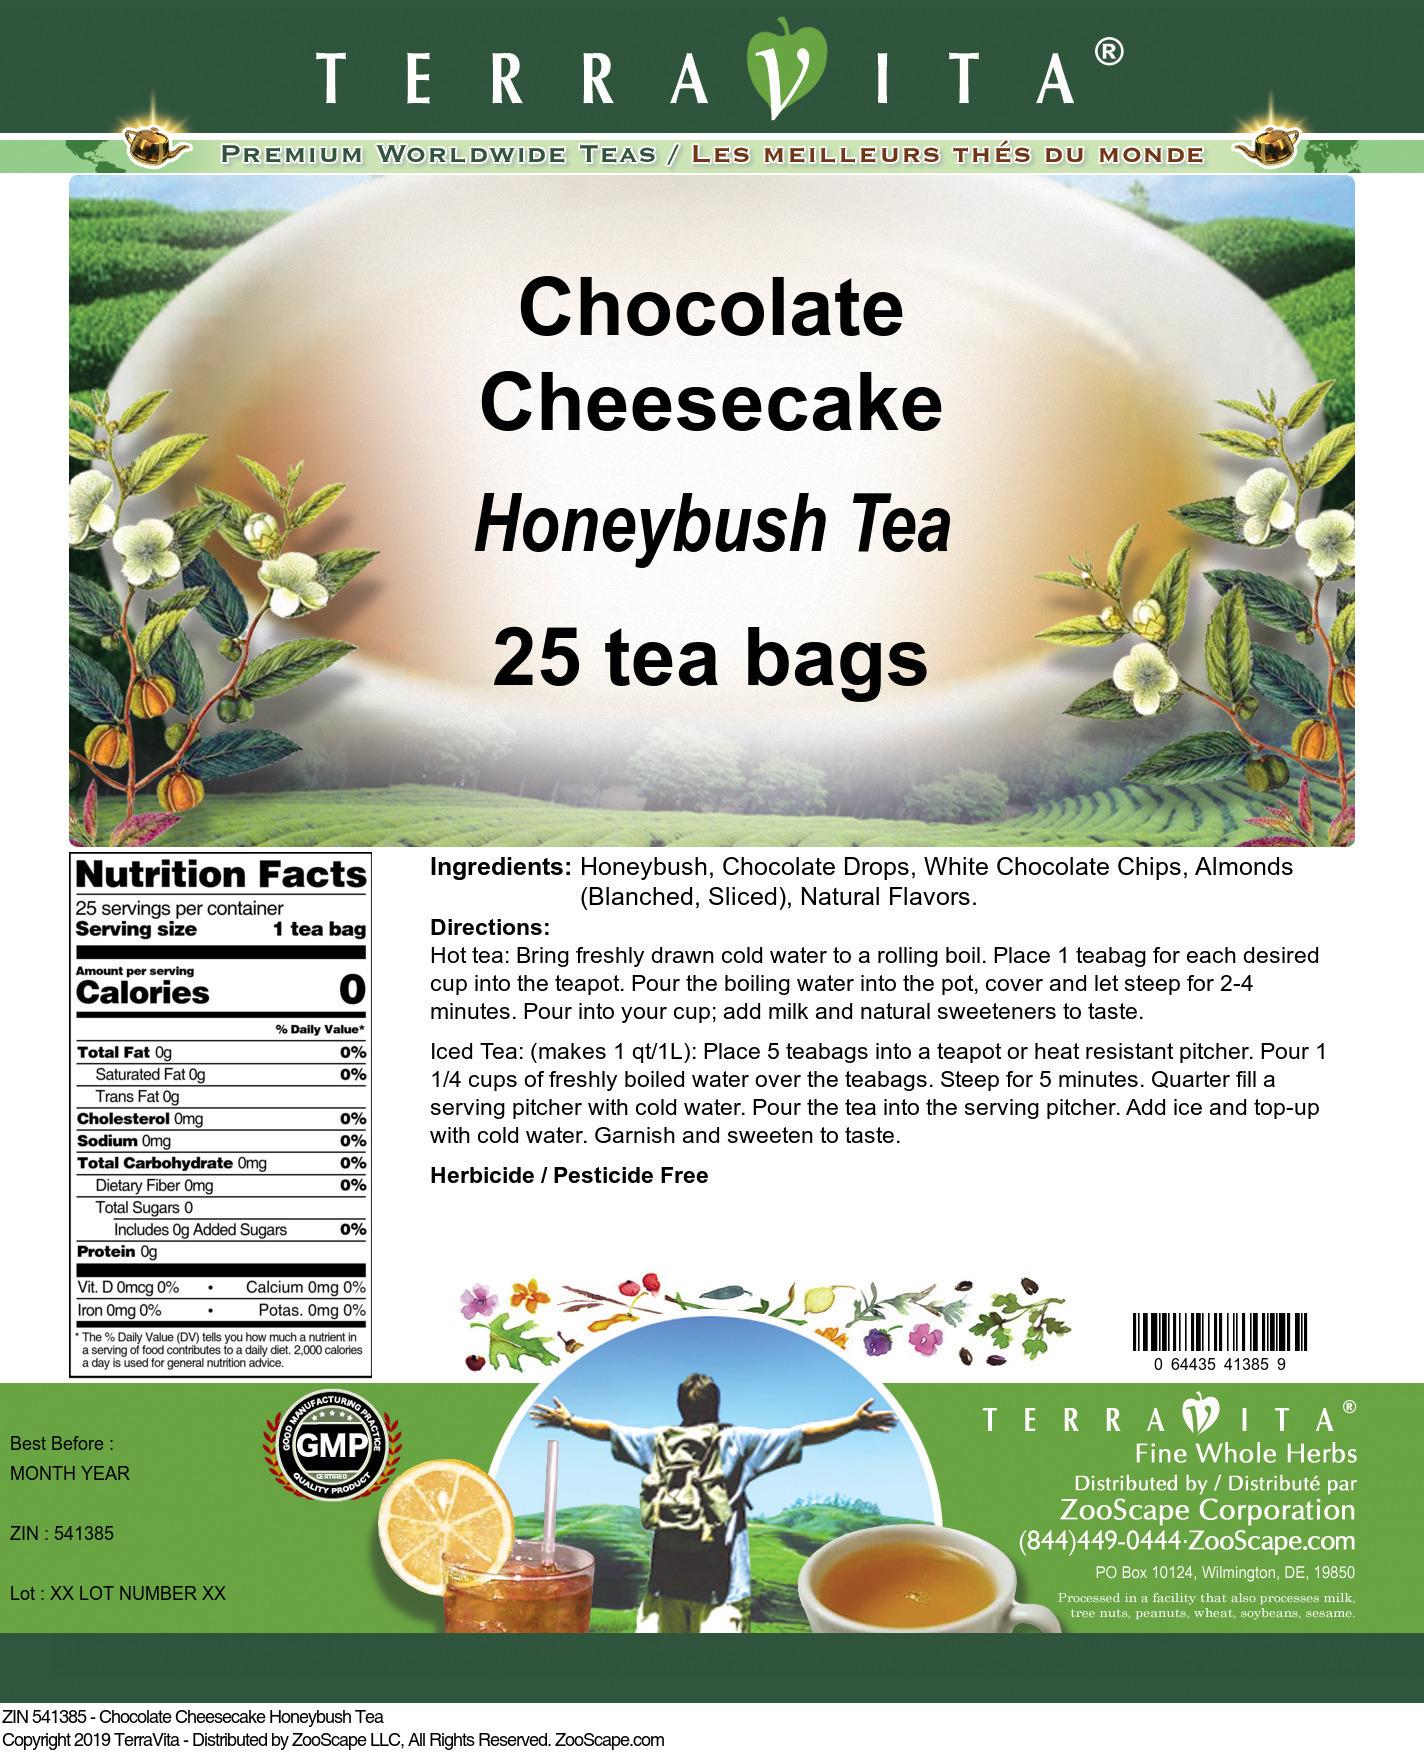 Chocolate Cheesecake Honeybush Tea